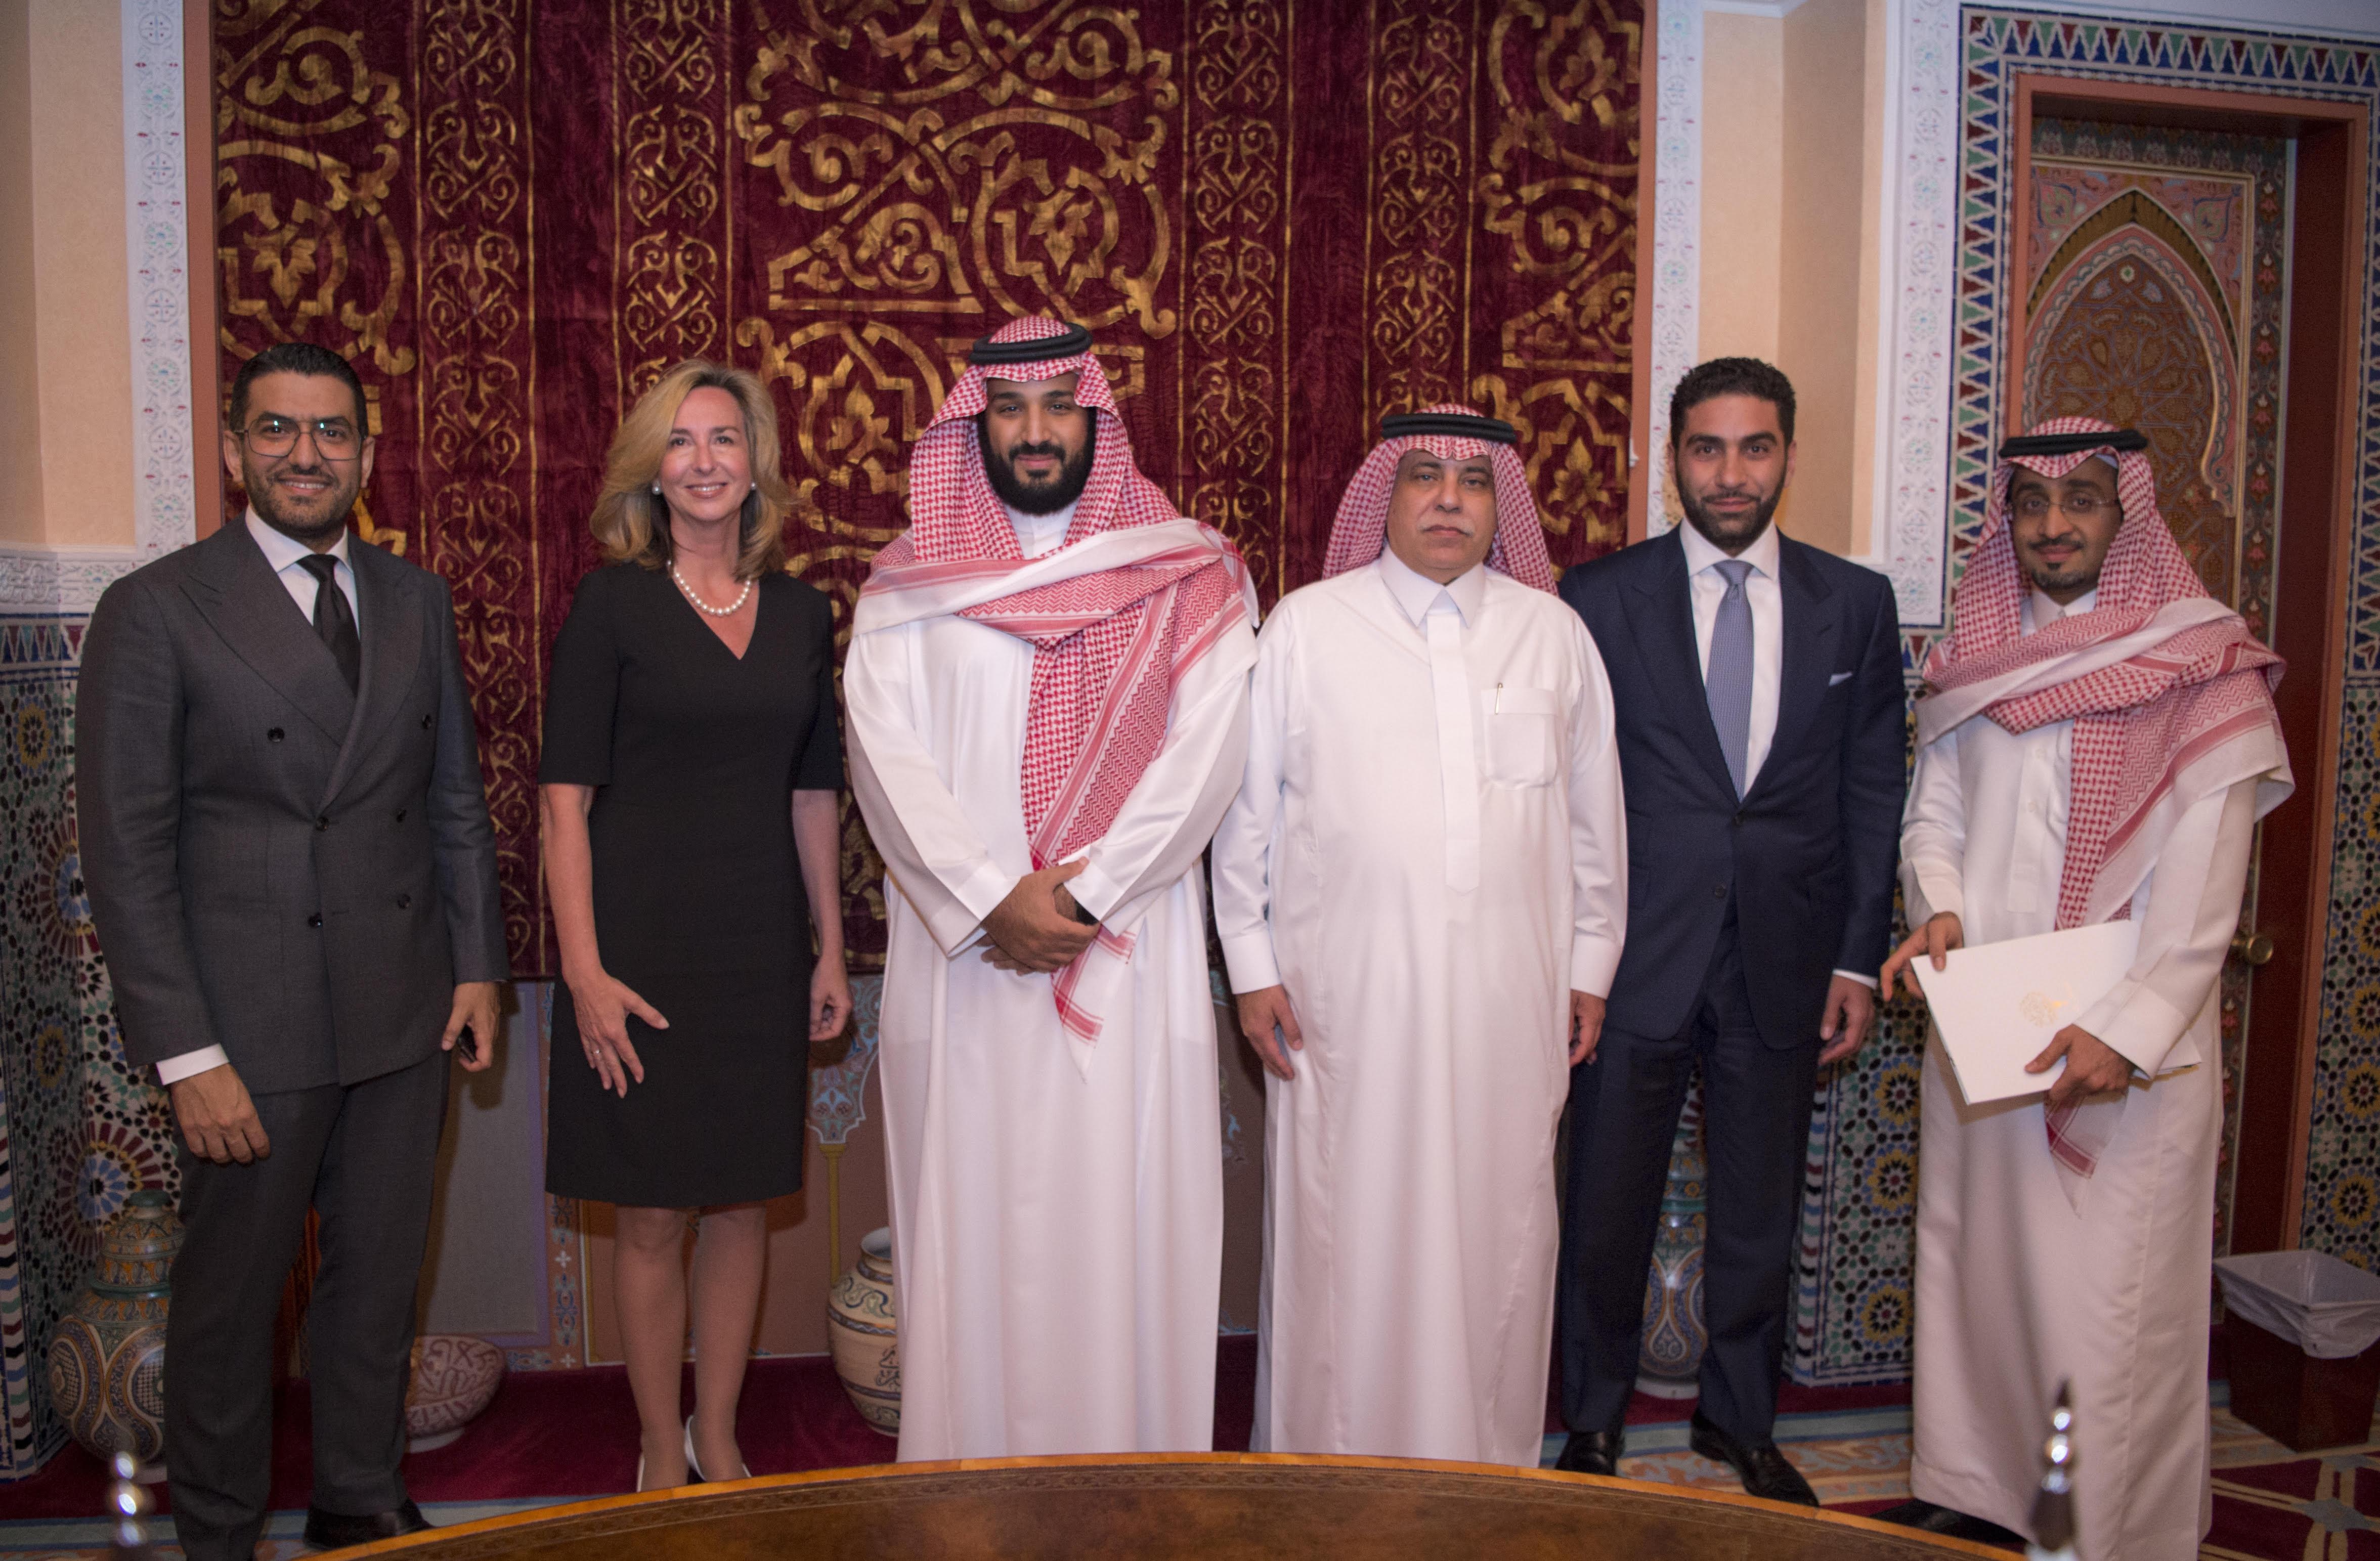 إطلاق كلية الأمير محمد بن سلمان للإدارة وريادة الأعمال مسك الخيرية